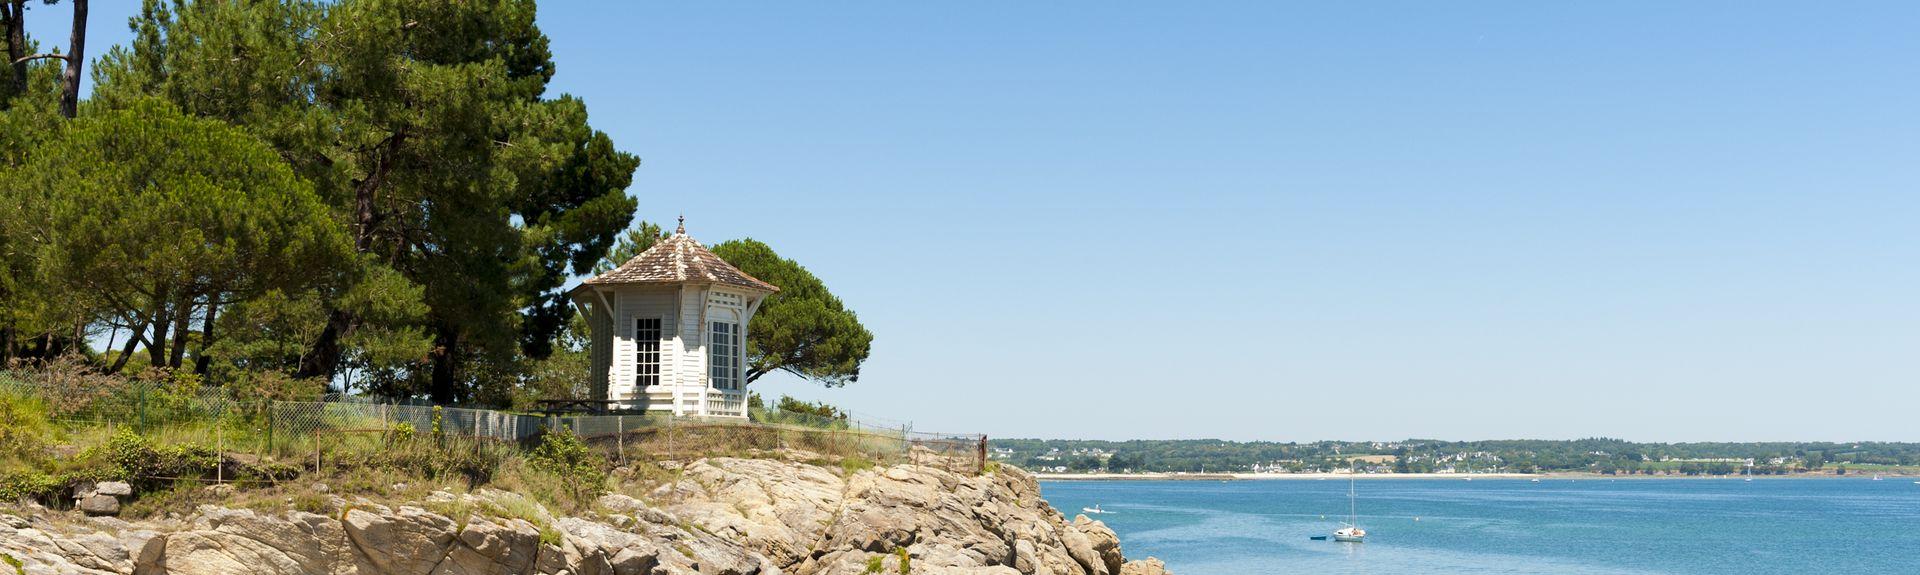 Beg Meil, Fouesnant, Département du Finistère, France